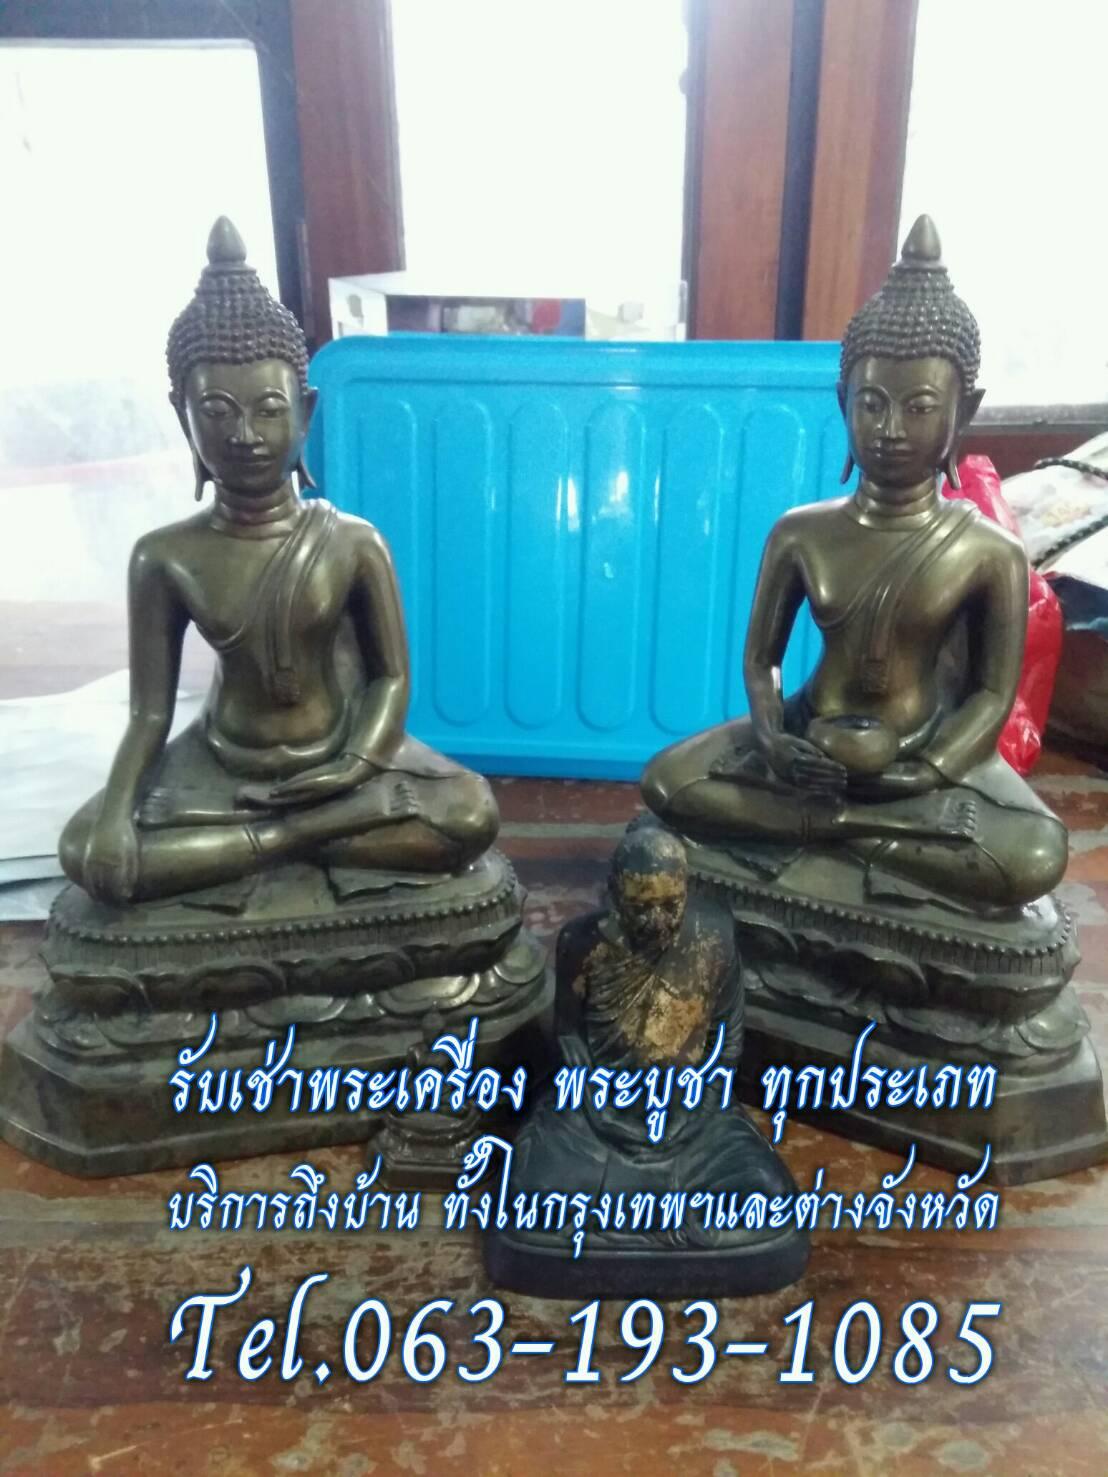 รับเช่าพระเครื่อง รับเช่าพระบูชา รับเช่าพระเหรียญ รับเช่าพระกล่อง รับเช่าพระพุทธรูป รับเช่าบูชาเชียงแสน รับเช่าพระบูชารัชกาล รับเช่าพระบูชารัตน รับเช่าพระบูชาสุโขทัย  รับเช่าพระบูชาอู่ทอง รับเช่าพระบูชาอยุธยา